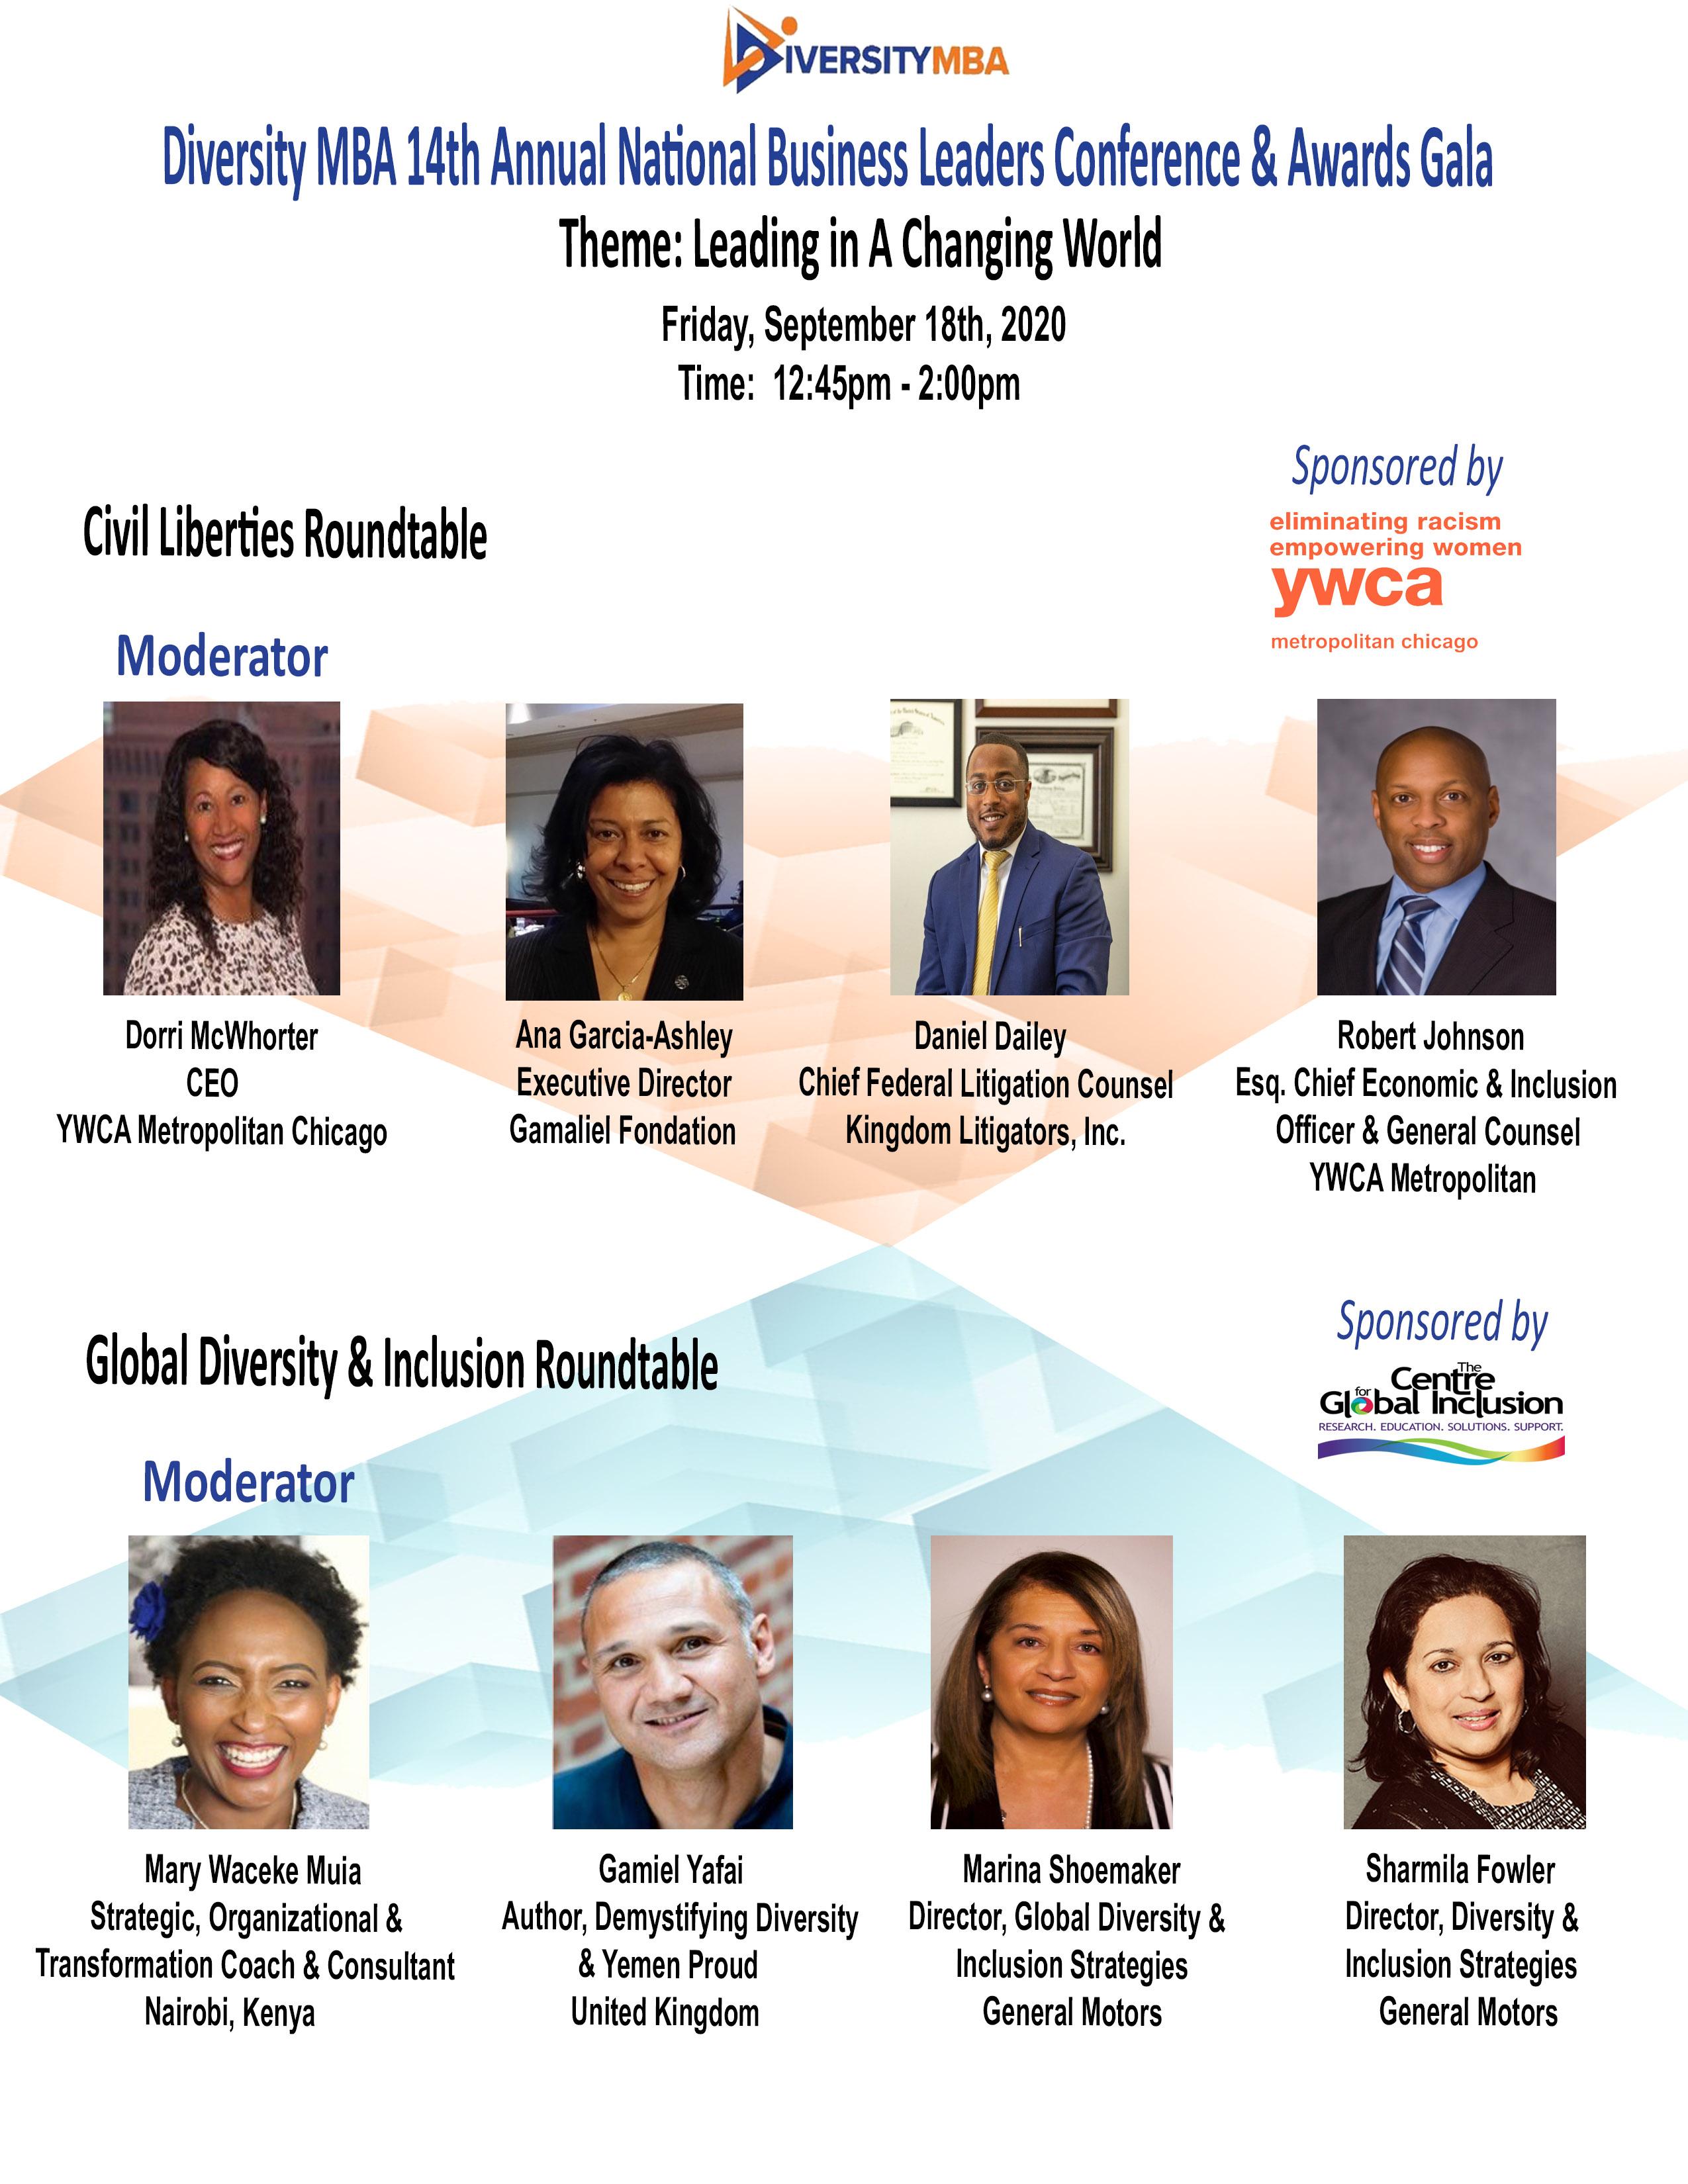 Civil Liberties & Global Diversity Roundtable